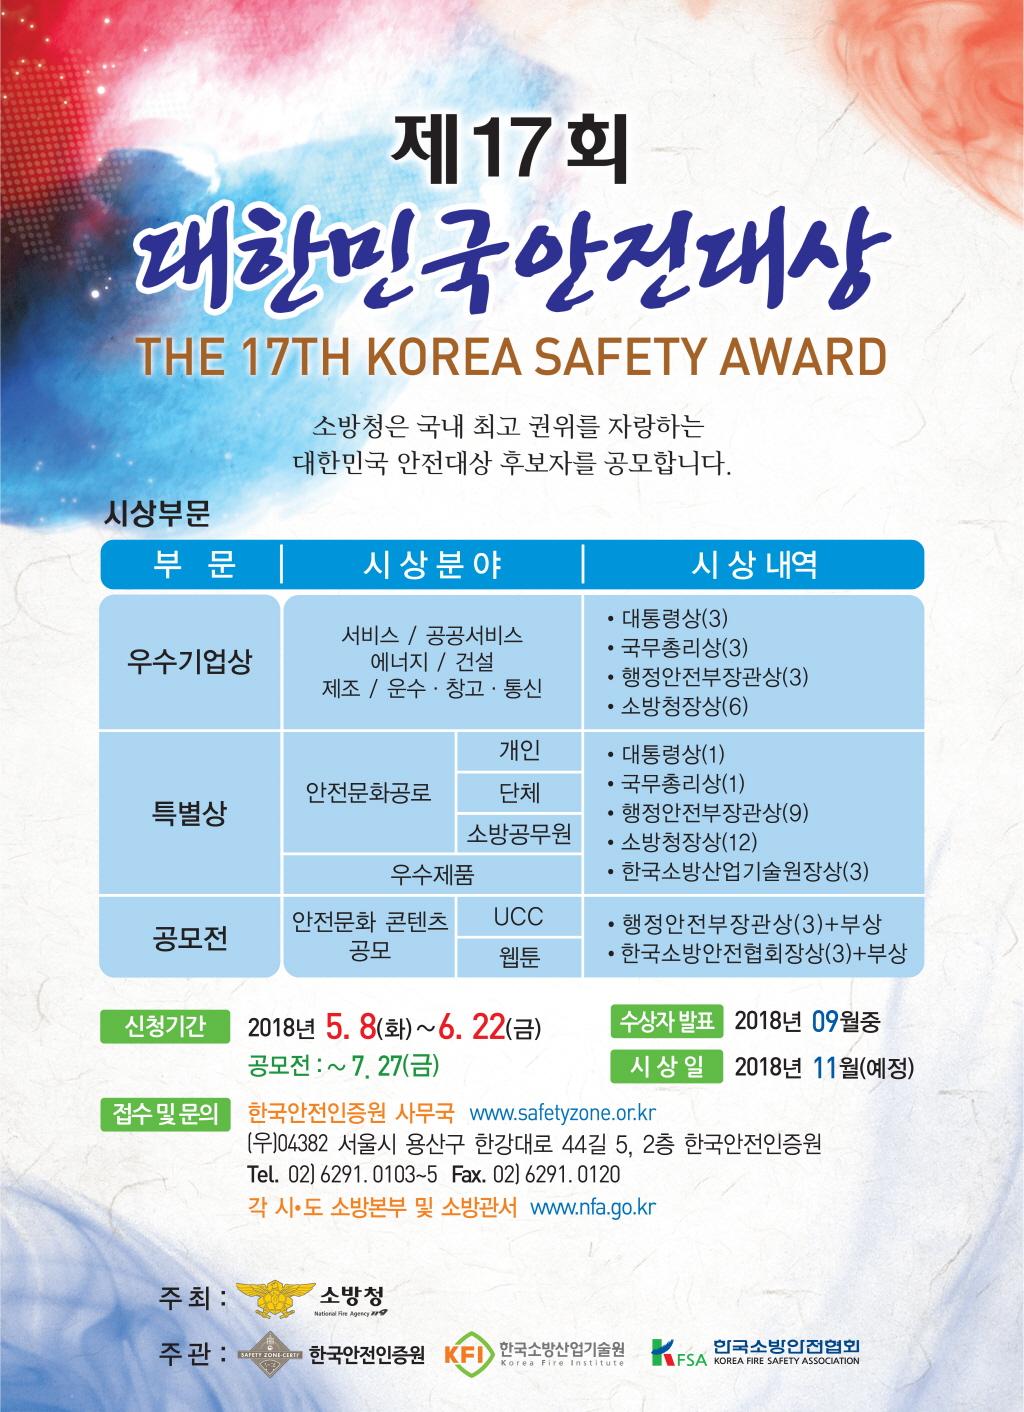 제17회 대한민국 안전대상 후보자 공모